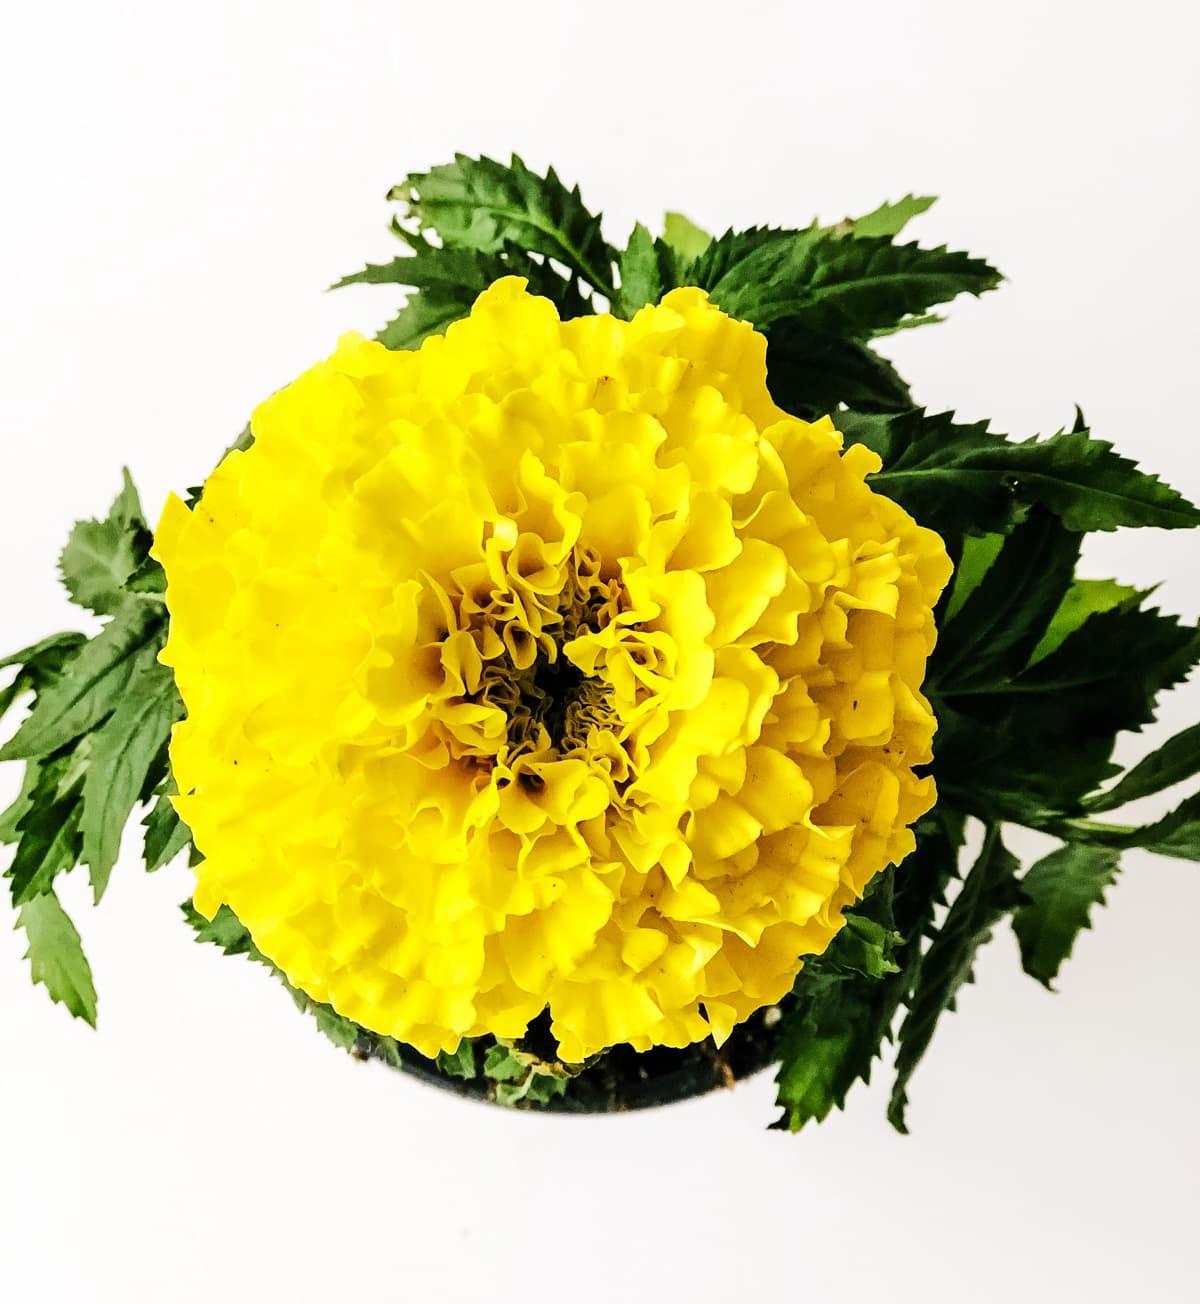 Planting an Edible Flower Garden: Marigolds